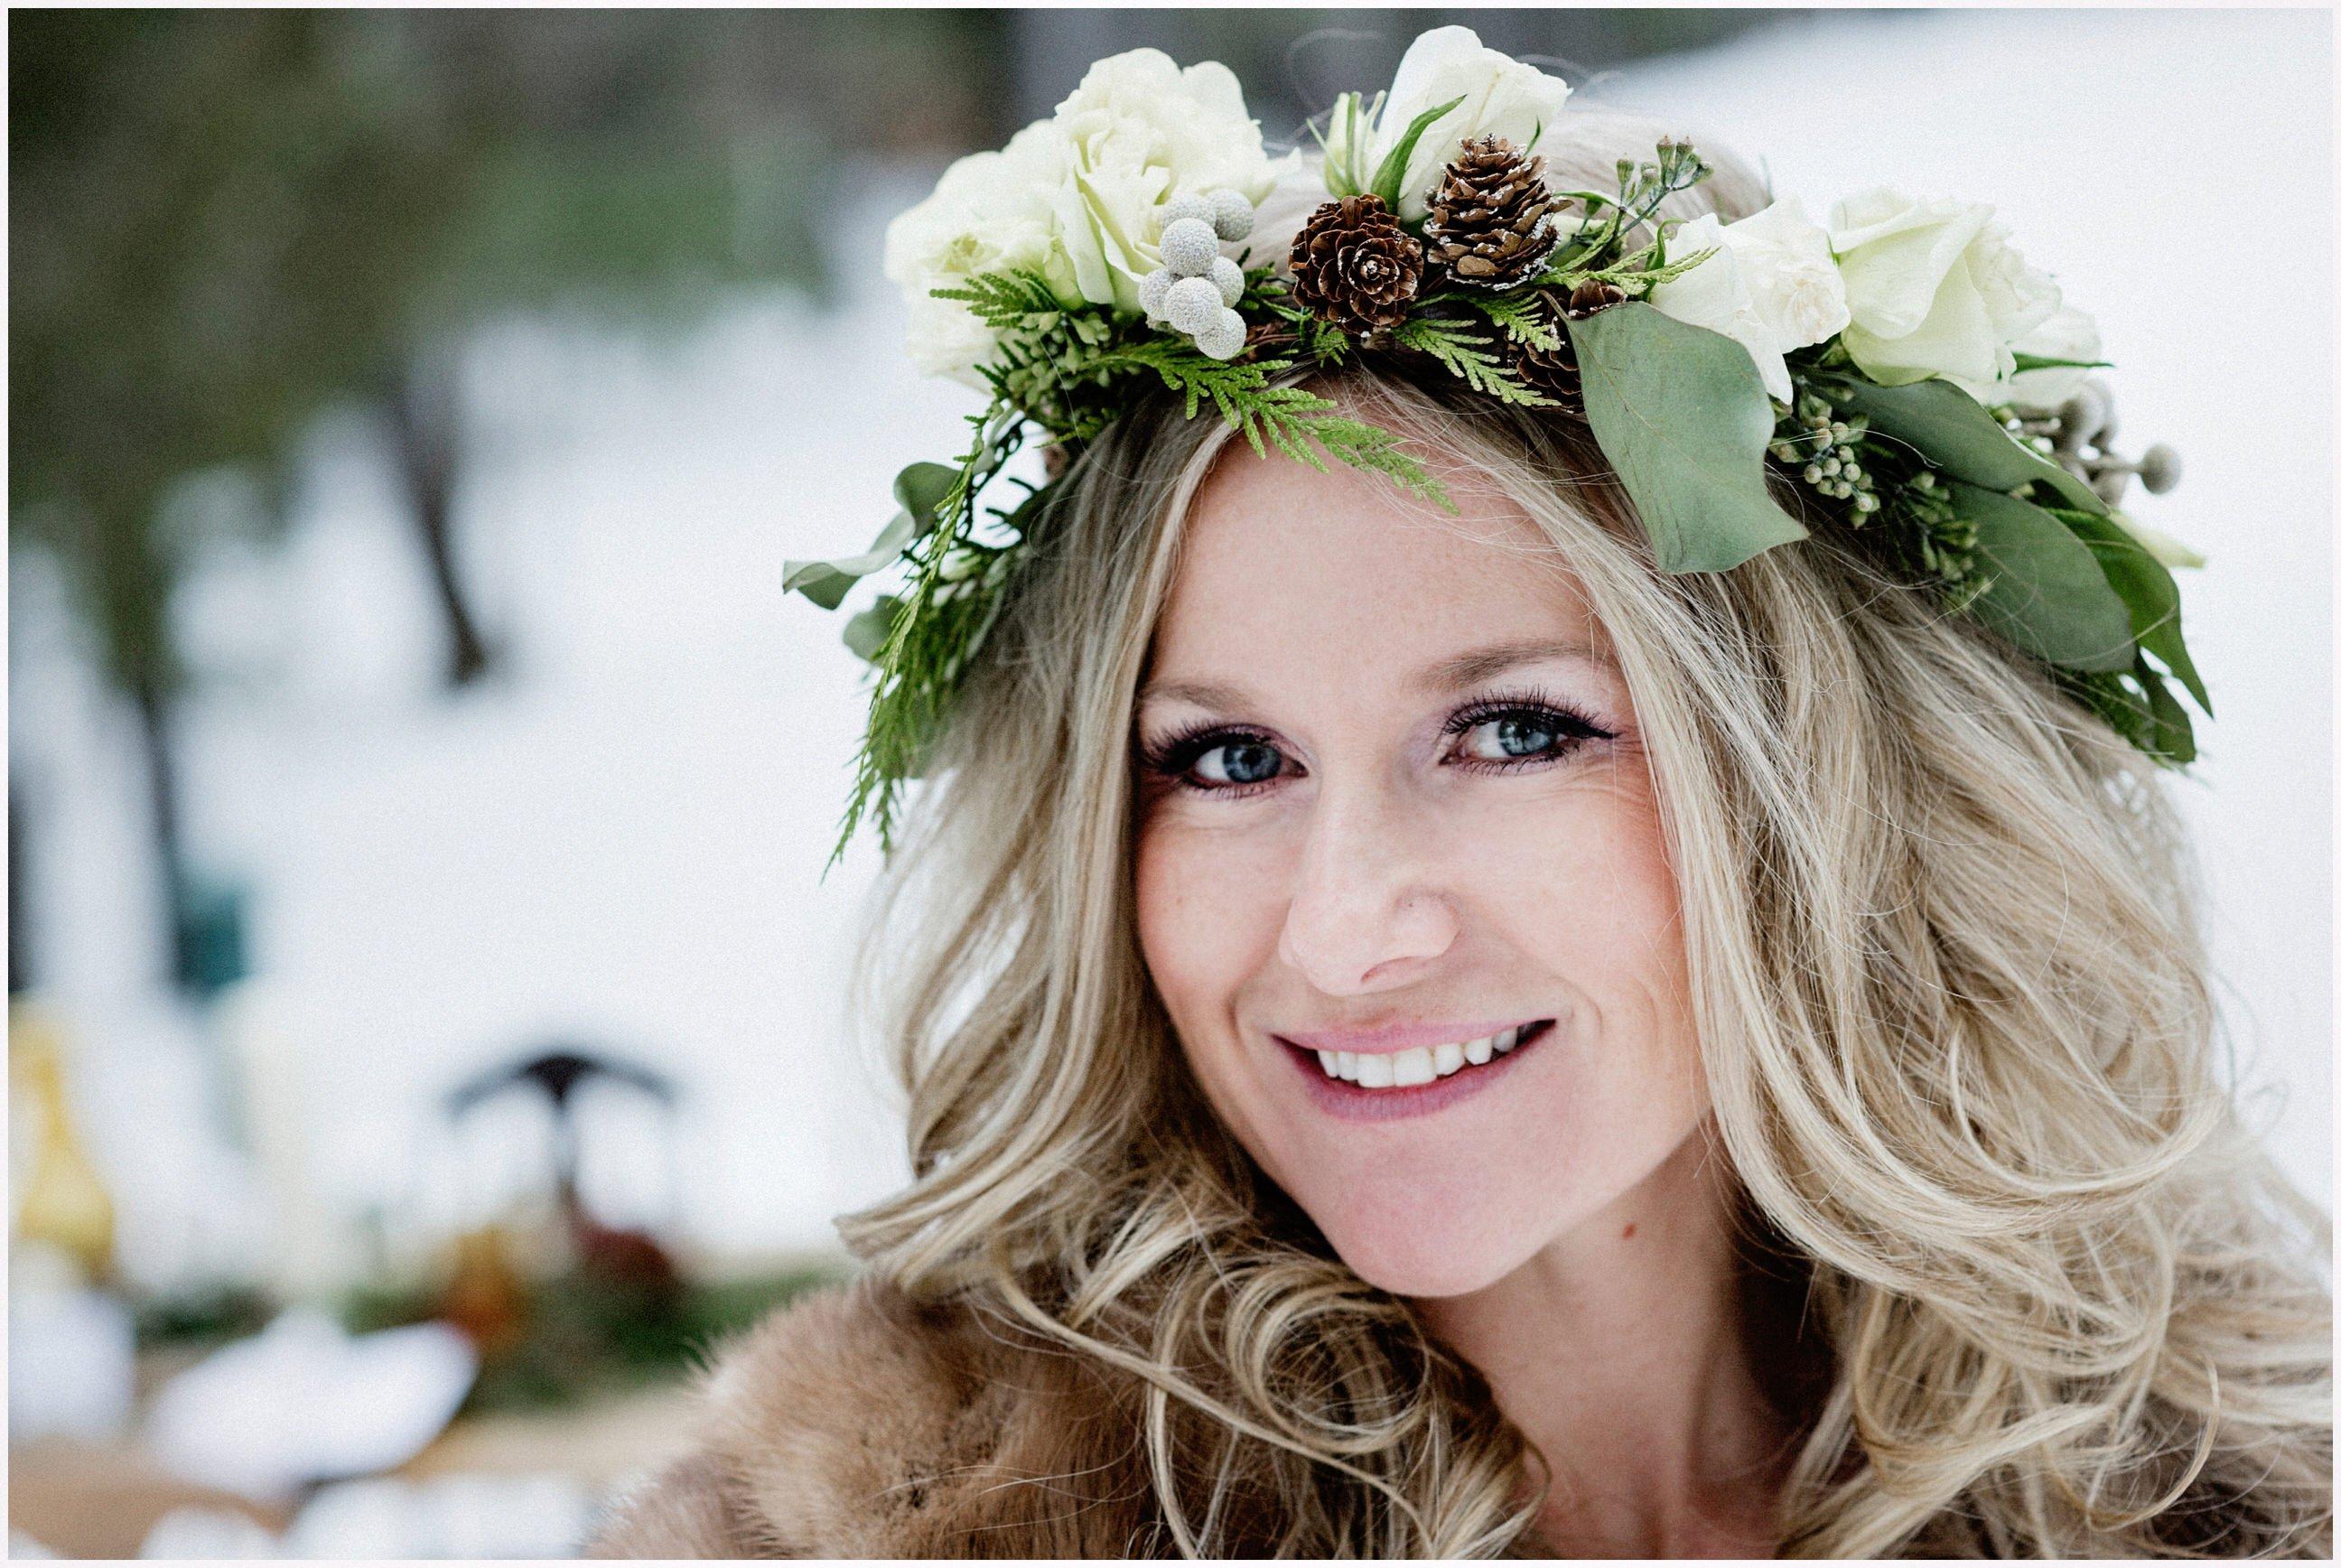 Ottawa Valley Winter Wedding Venue